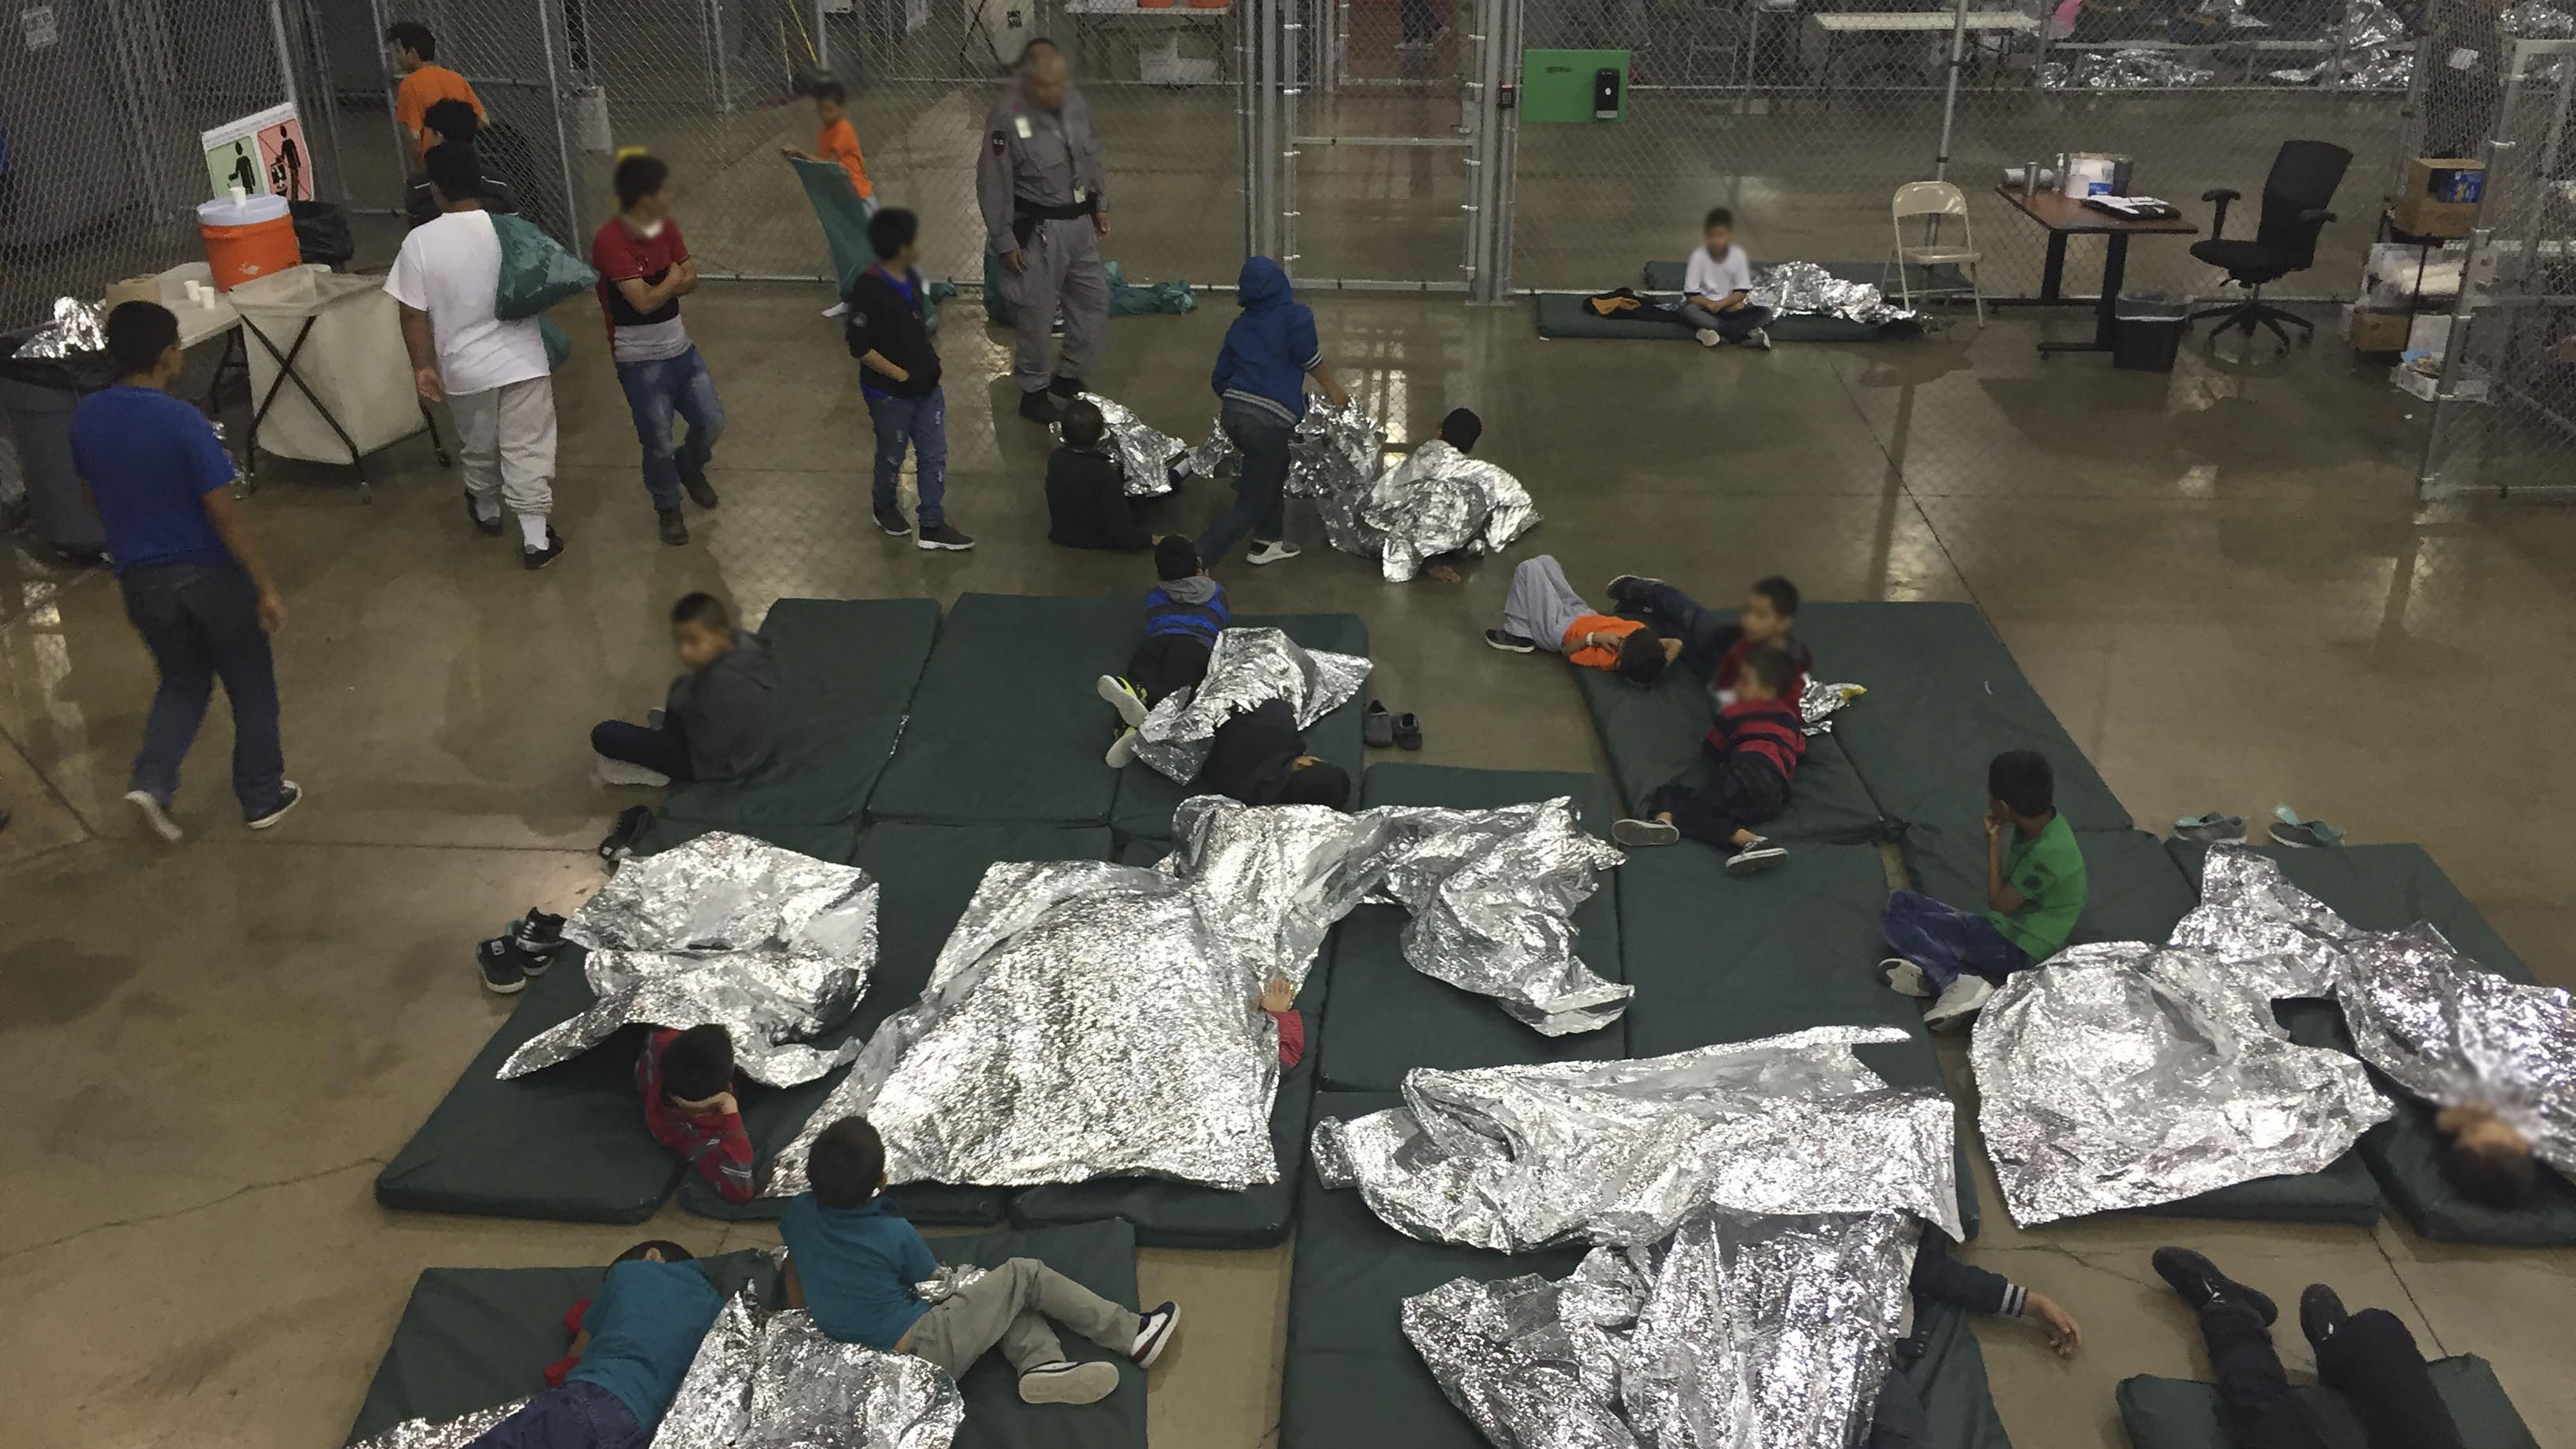 Trump trata de desactivar crisis de inmigrantes, pero la confusión mina su intento